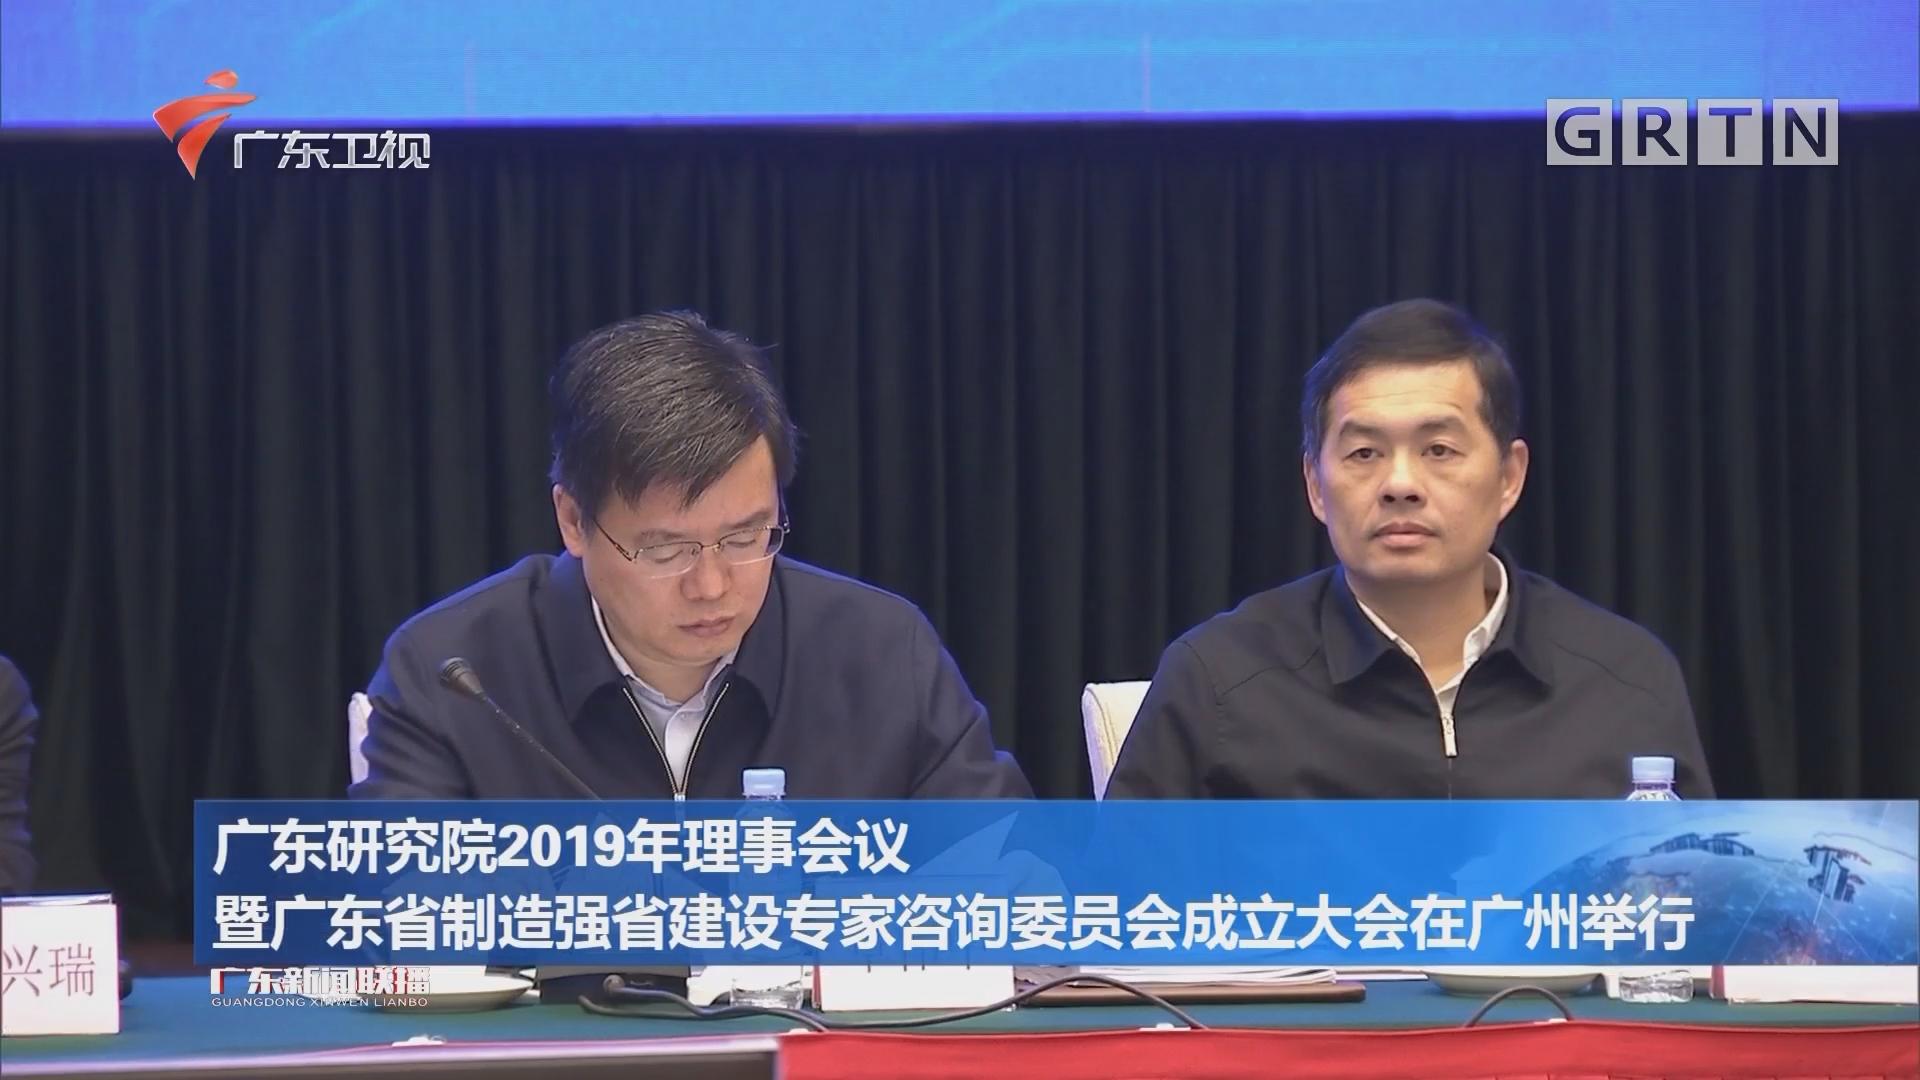 广东研究院2019年理事会议暨广东省制造强省建设专家咨询委员会成立大会在广州举行